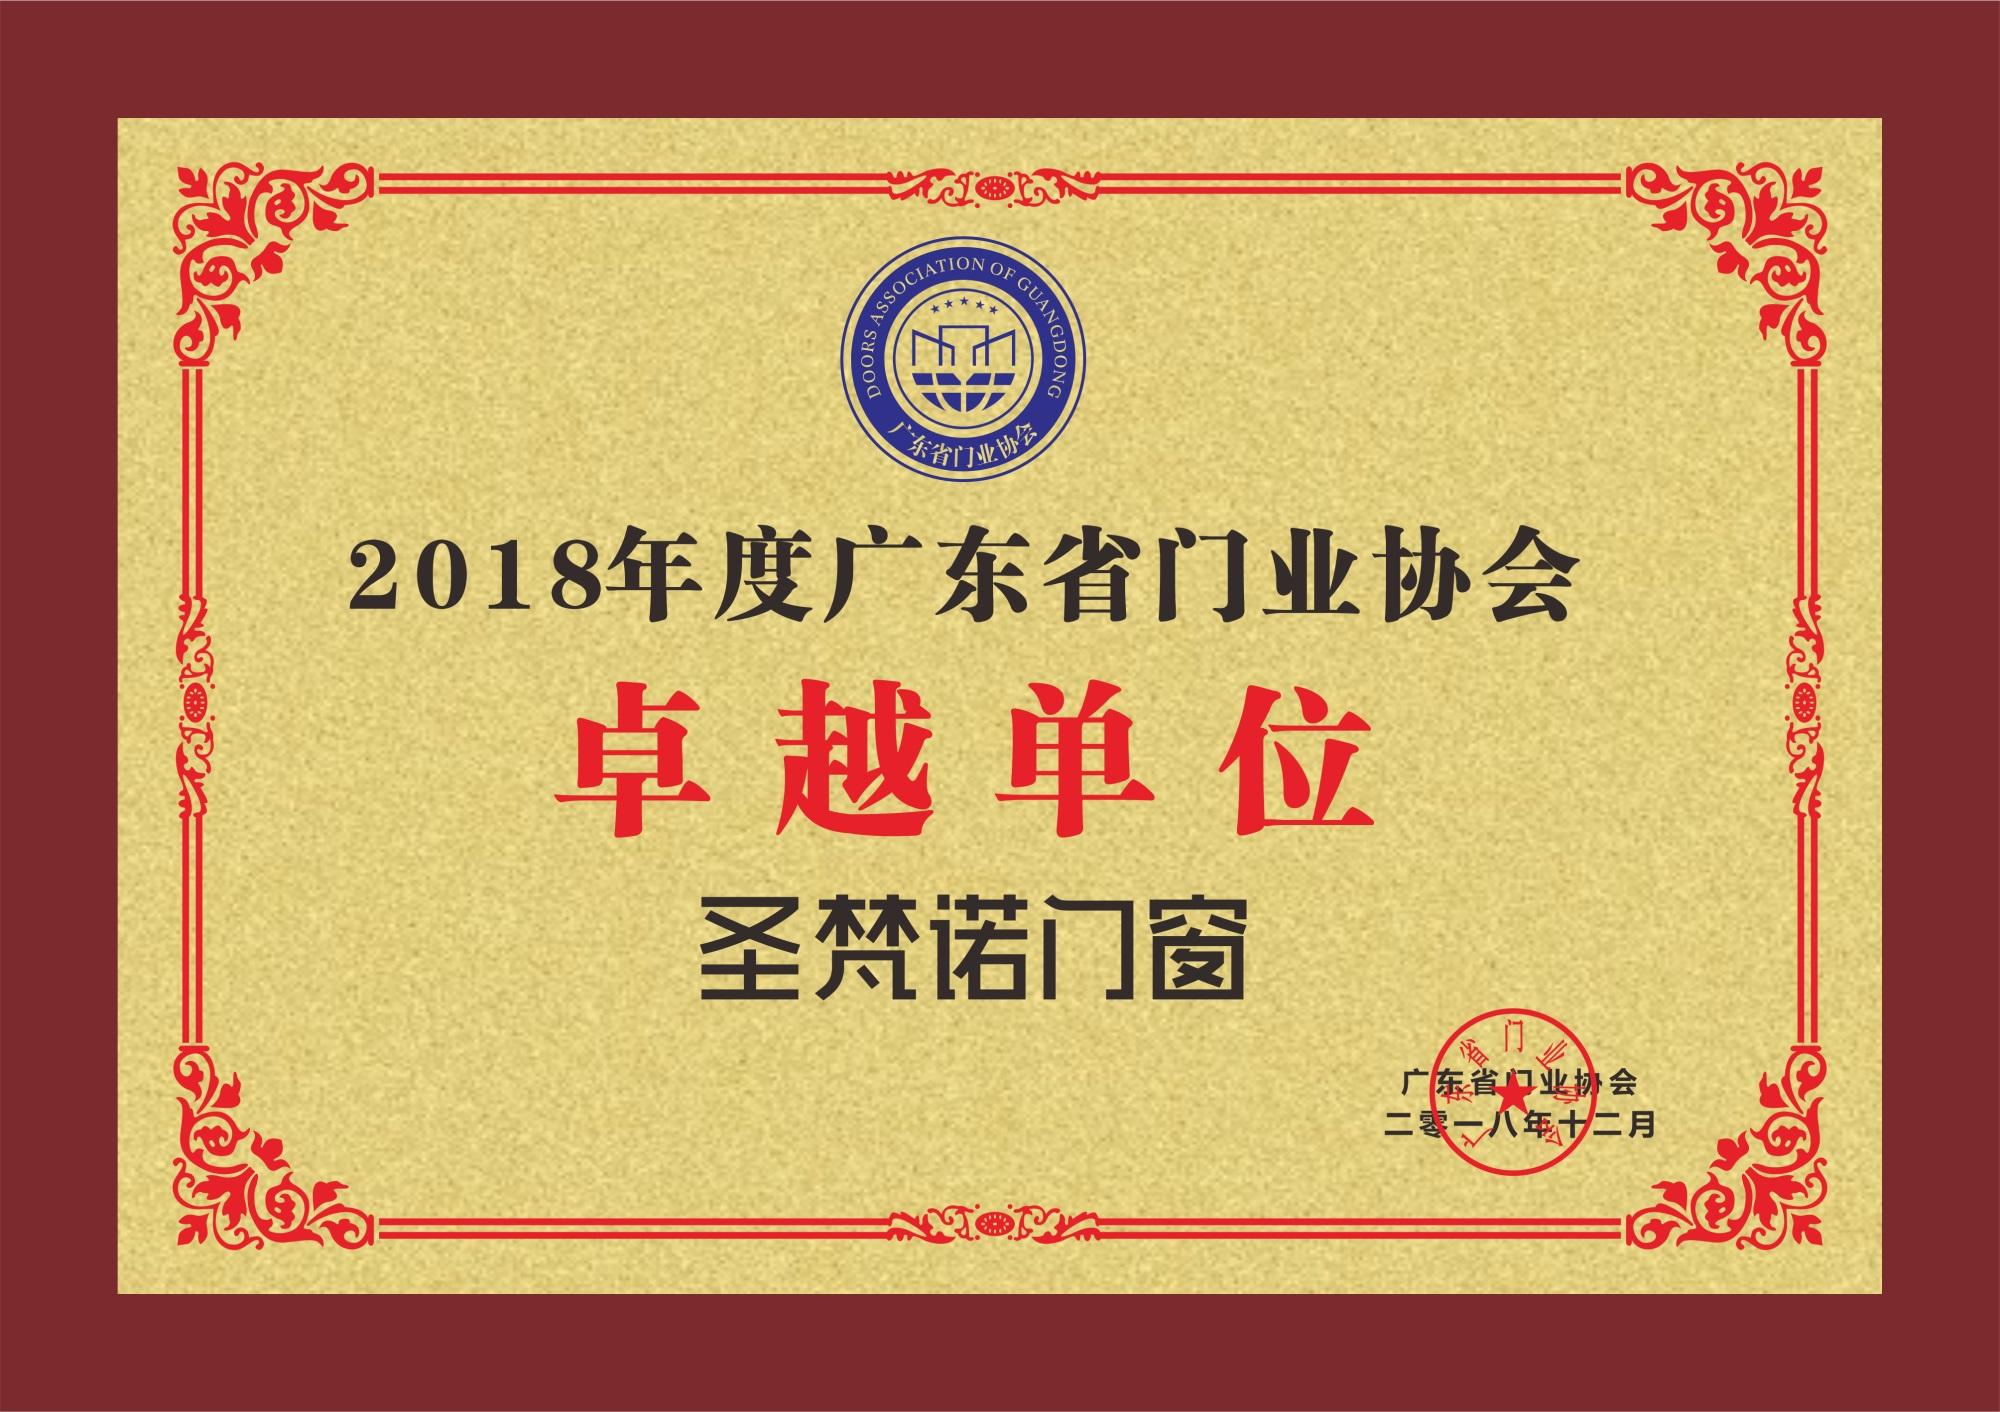 2018年门协卓越单位